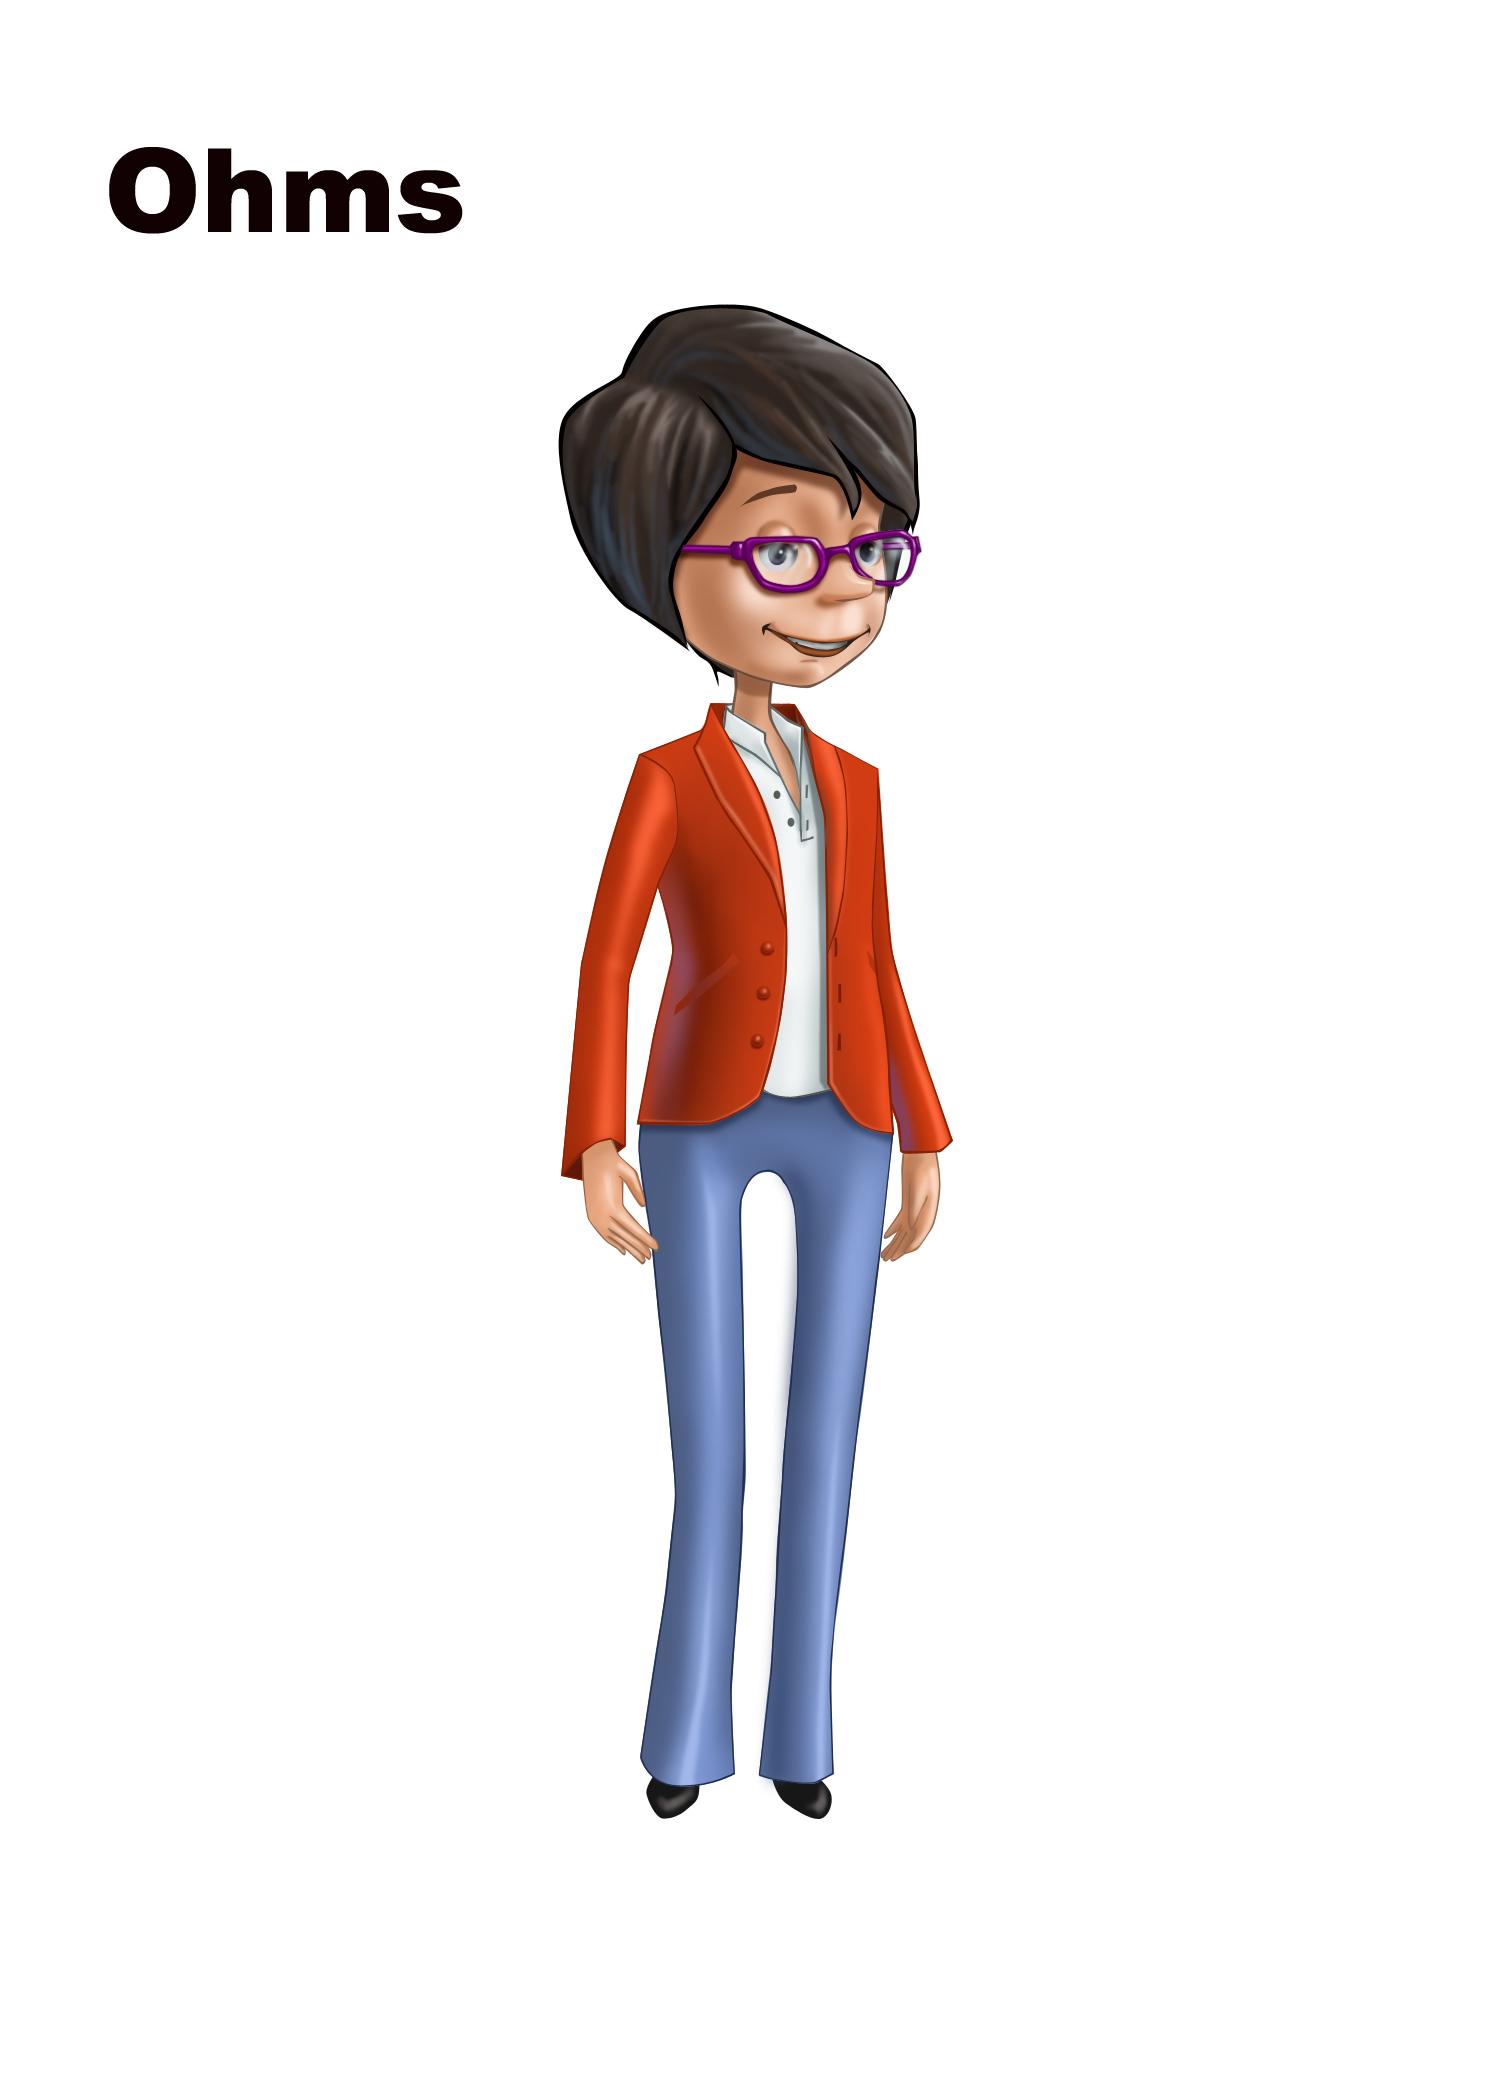 Ms Ohms